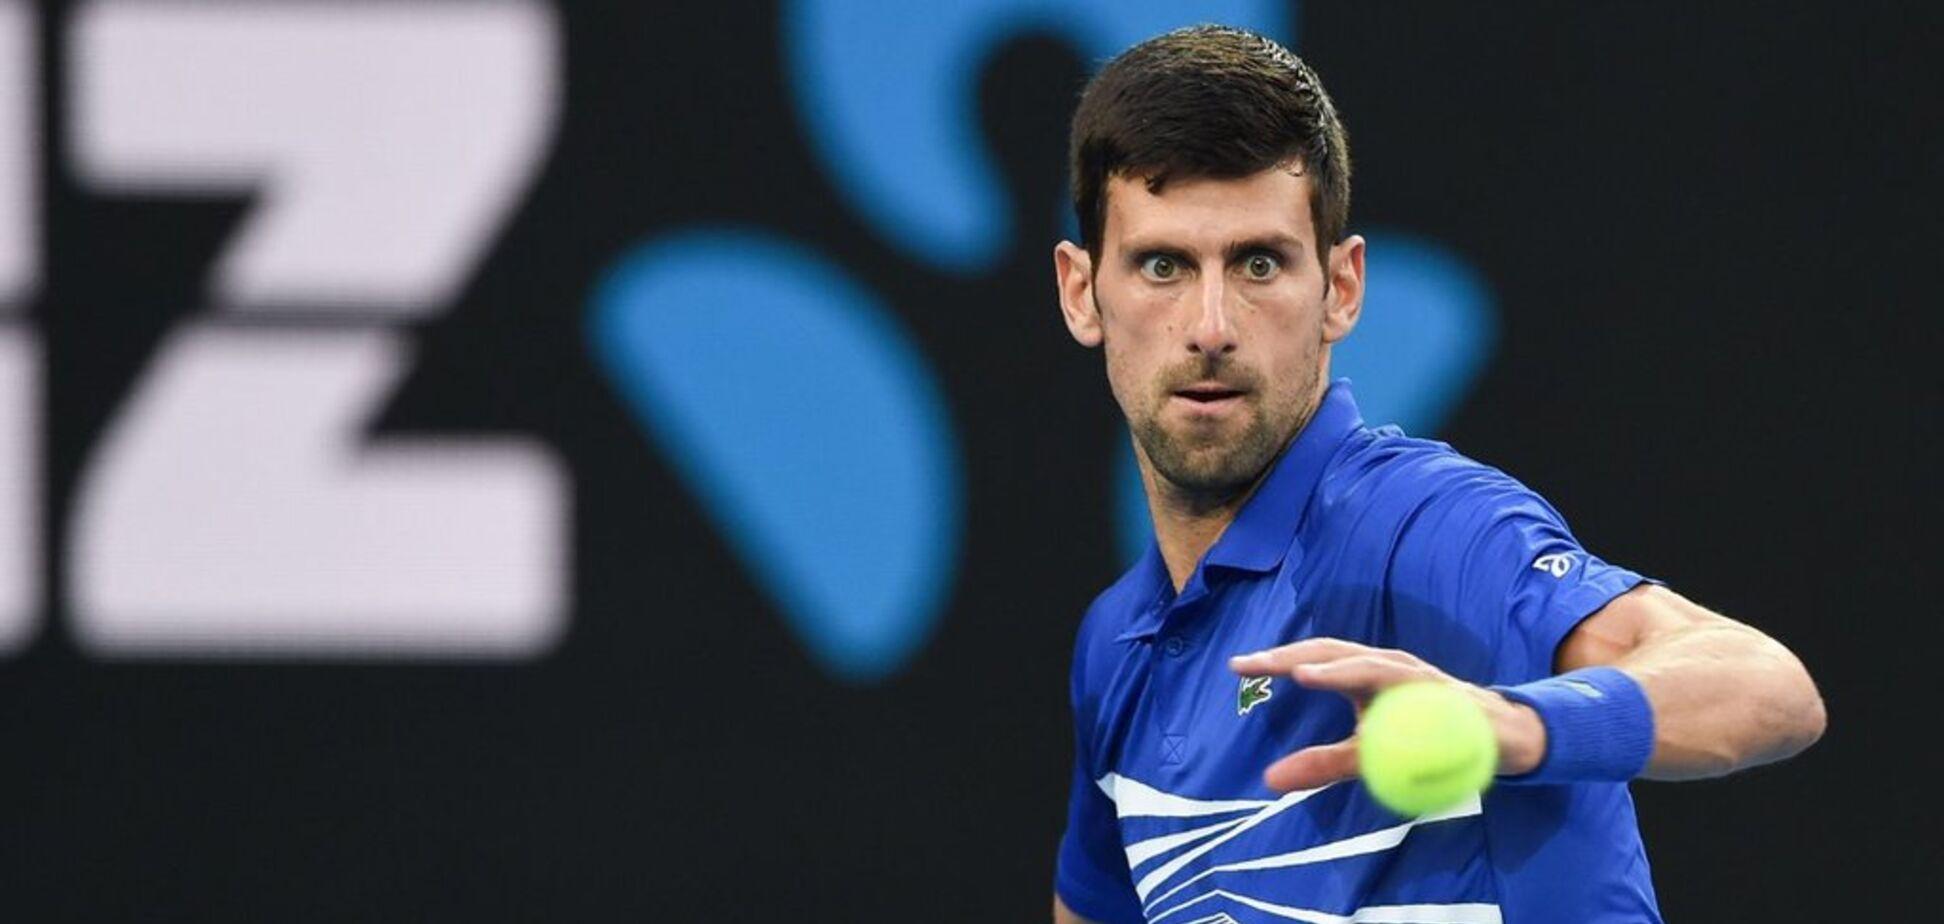 Лучший теннисист мира вышел из себя из-за вопроса о сопернике